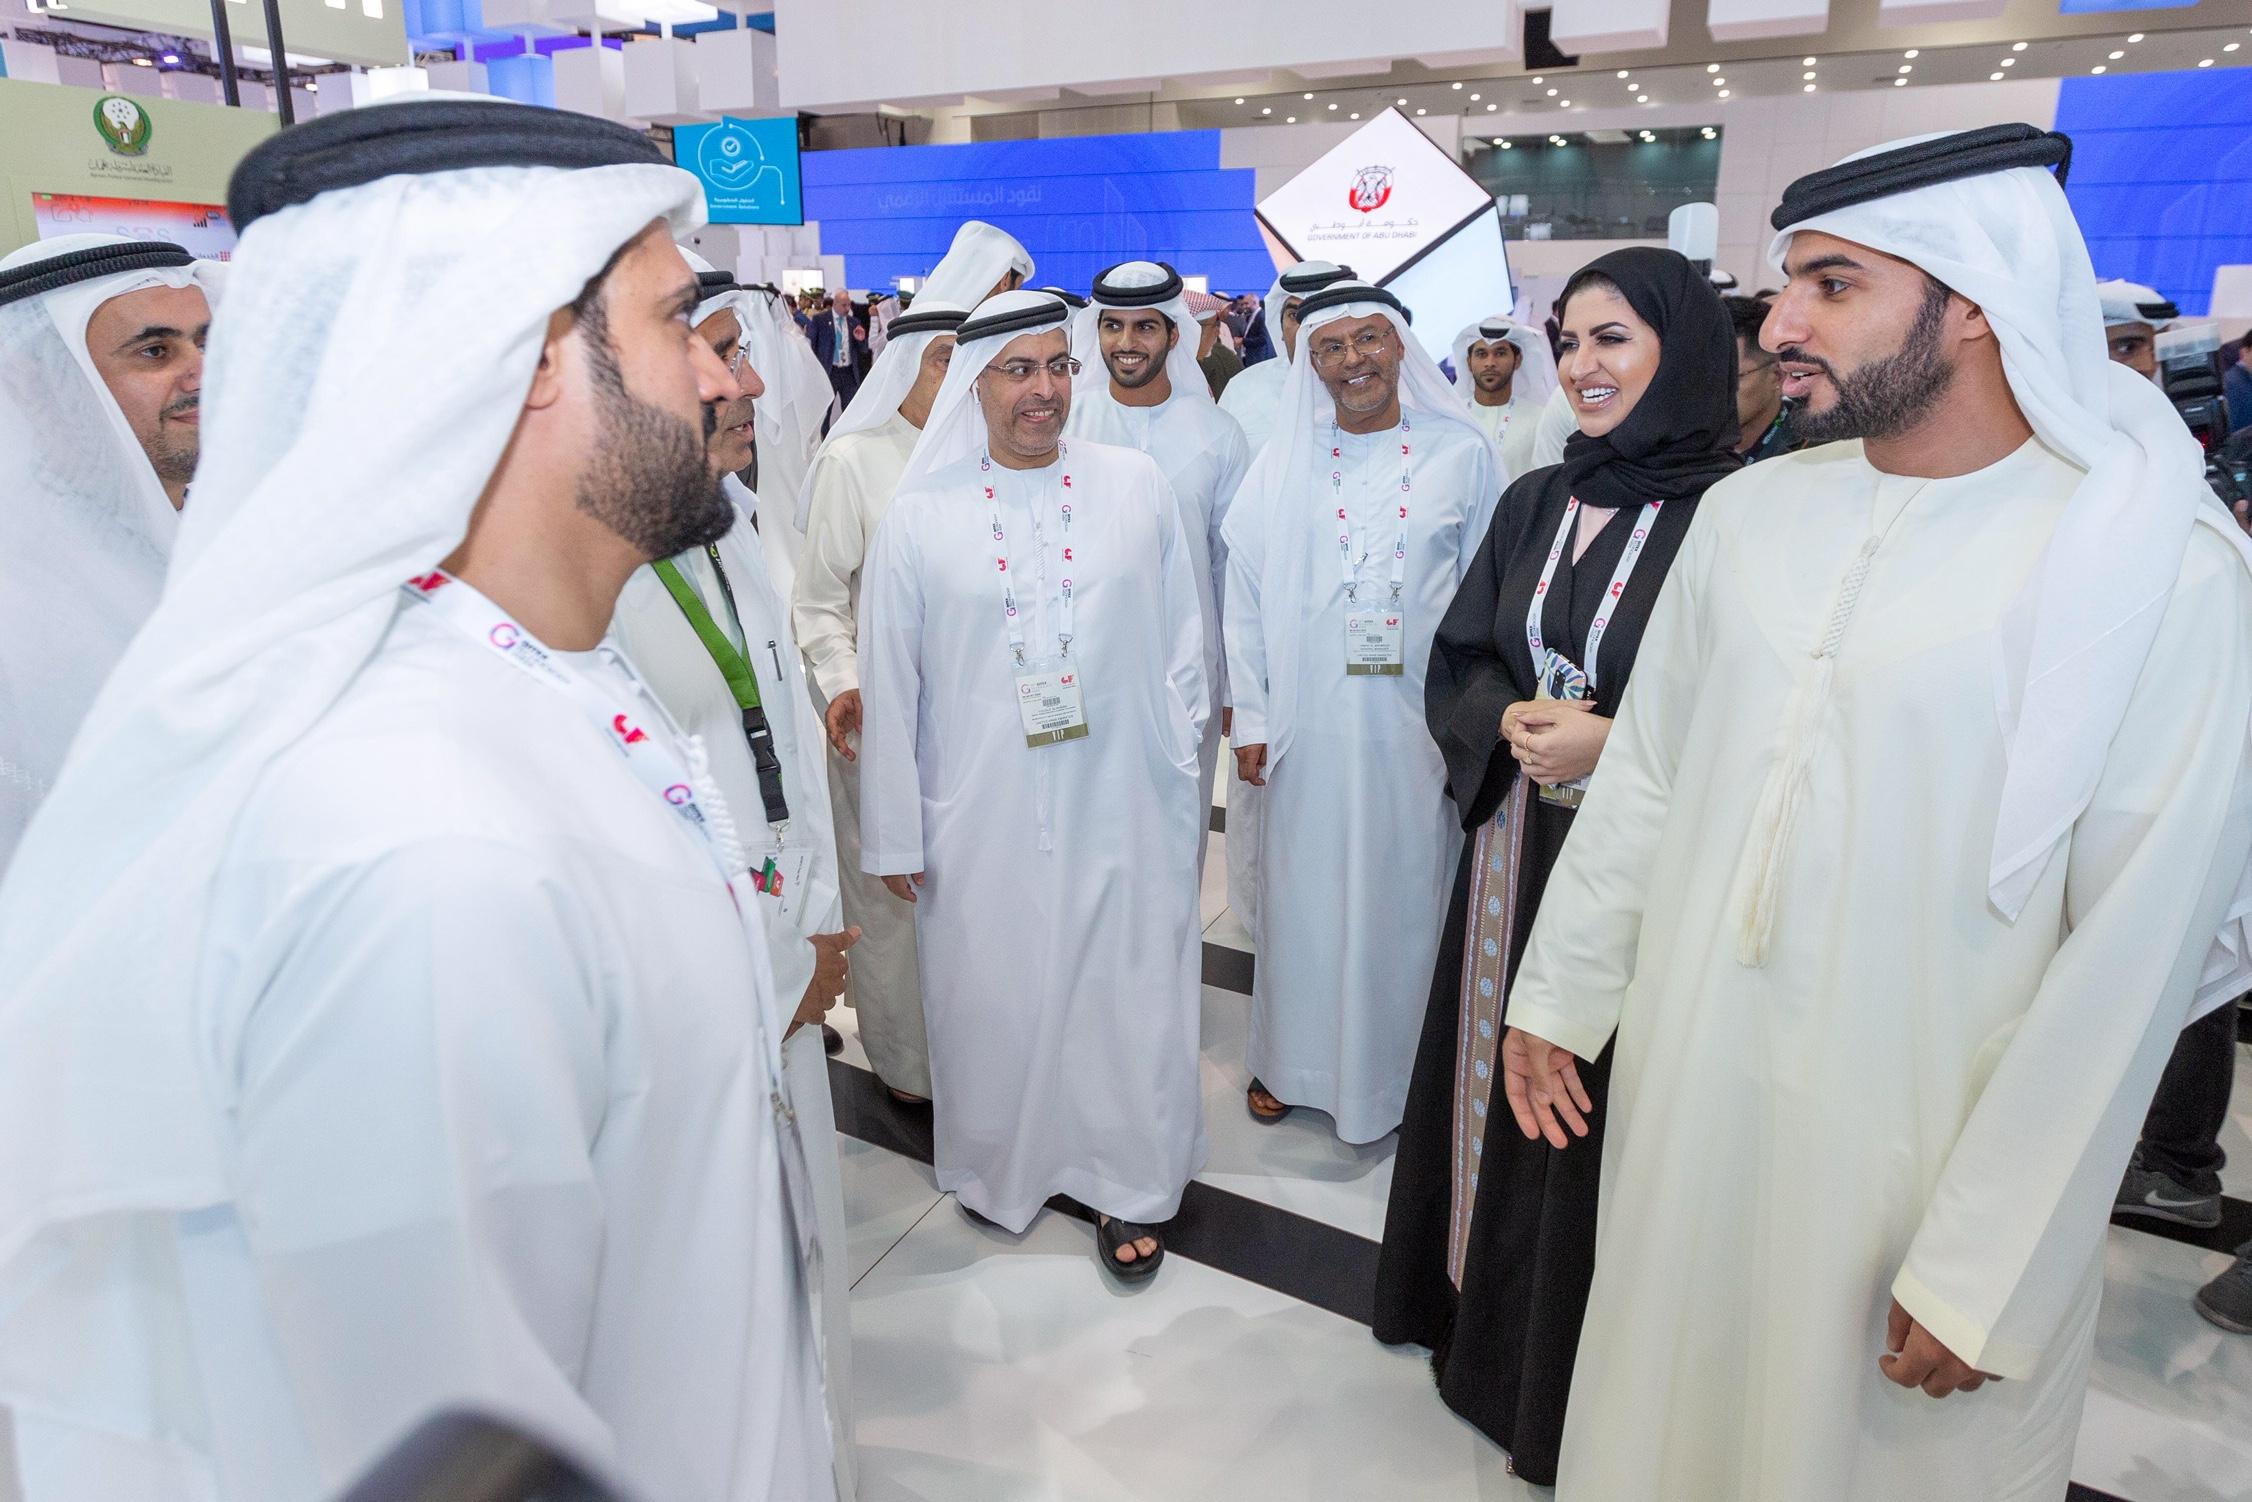 راشد بن حميد النعيمي يزور منصة حكومة عجمان في جيتكس